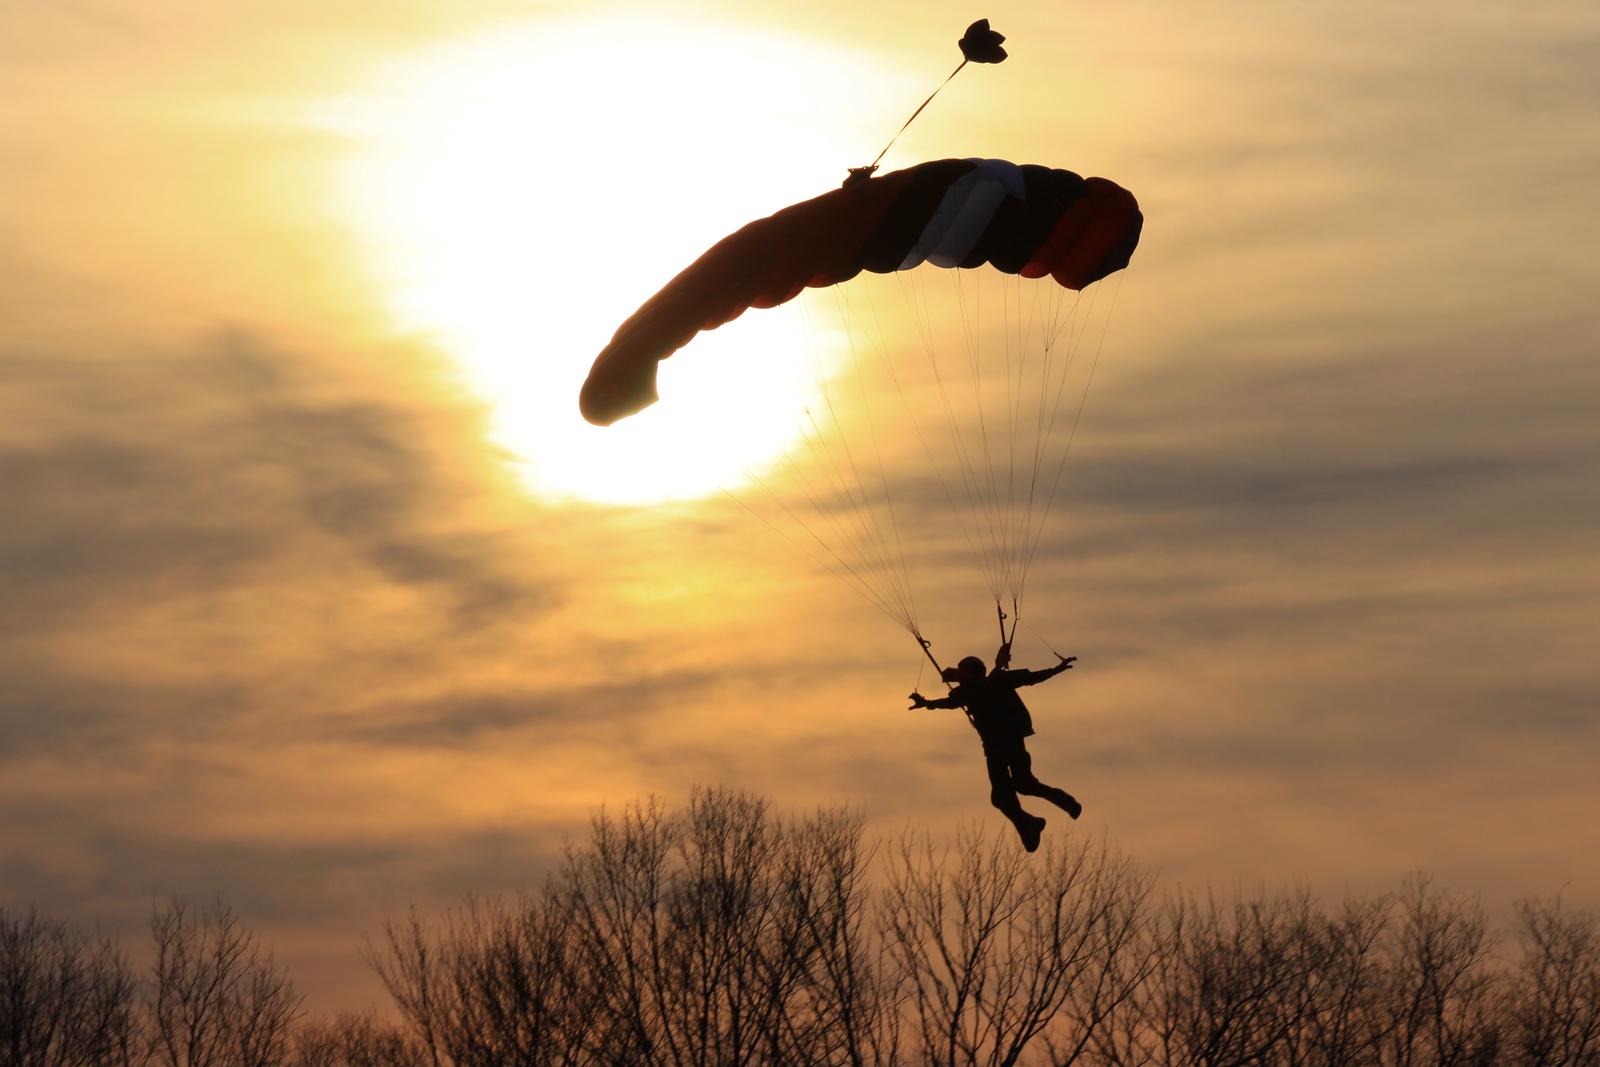 03-20-10_skydive_cpi_1109